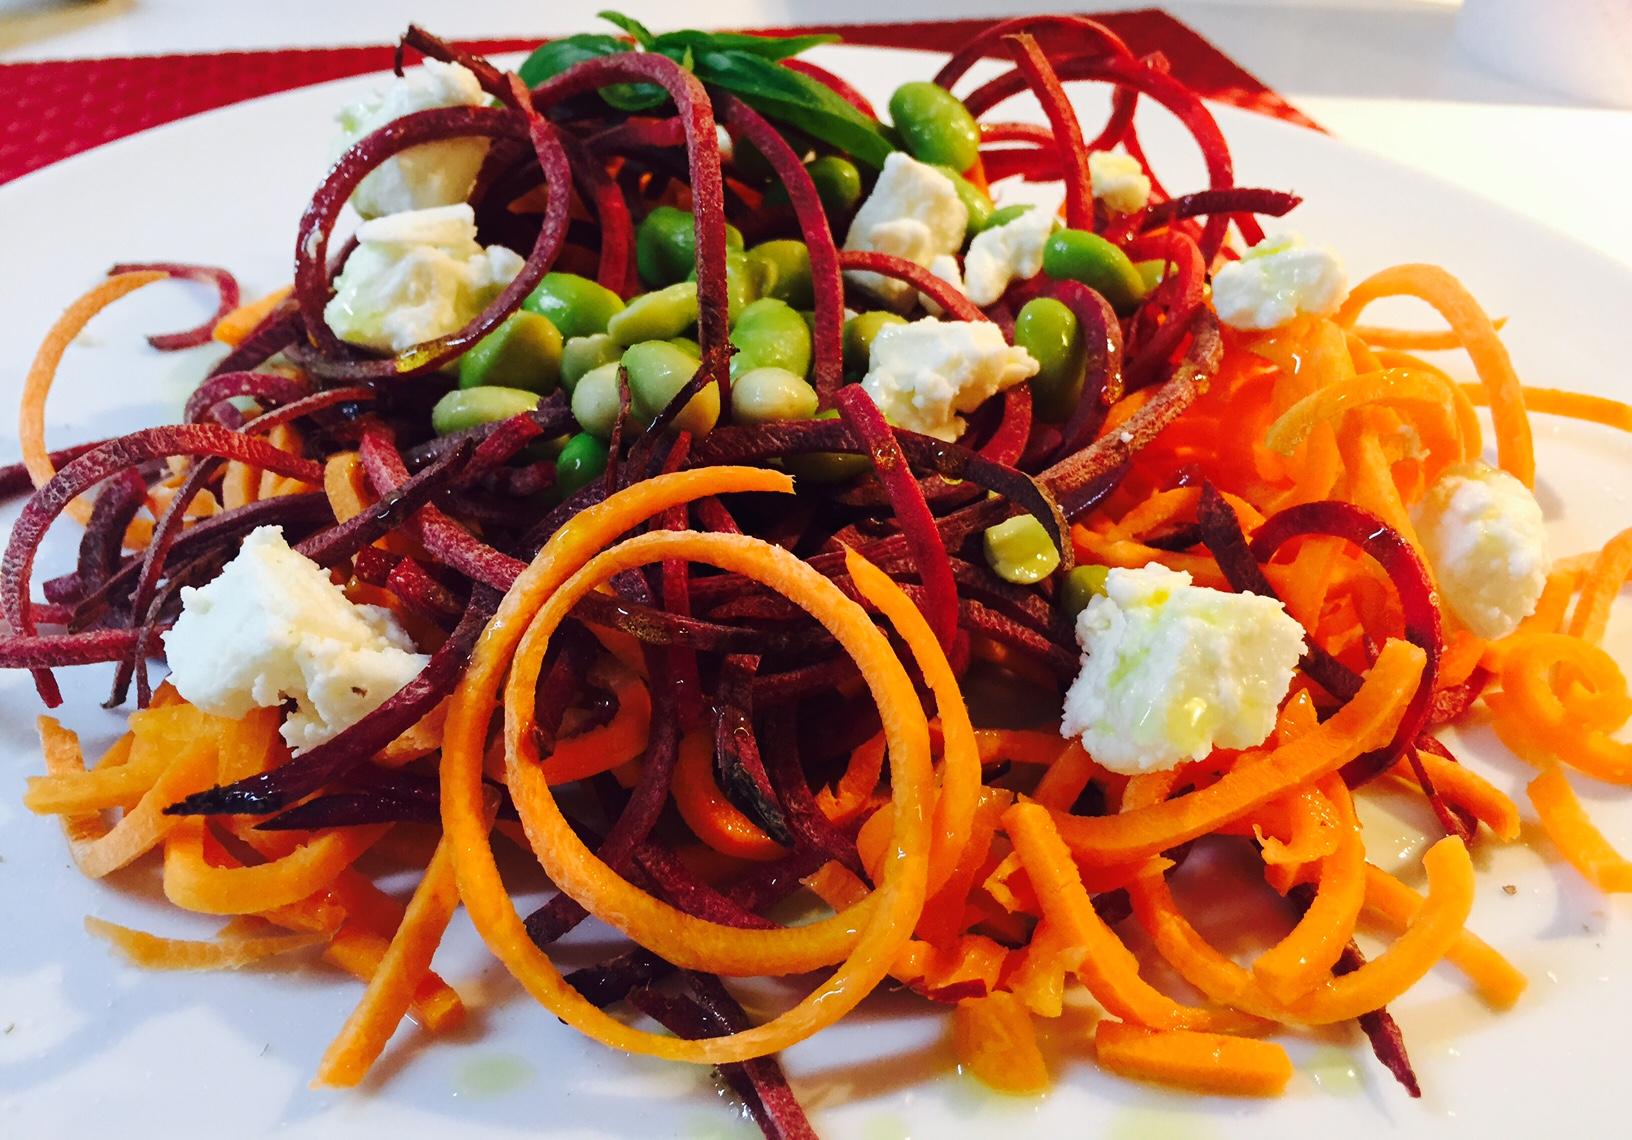 Spaghetti di verdure ricette senza lattosio for Ricette di verdure